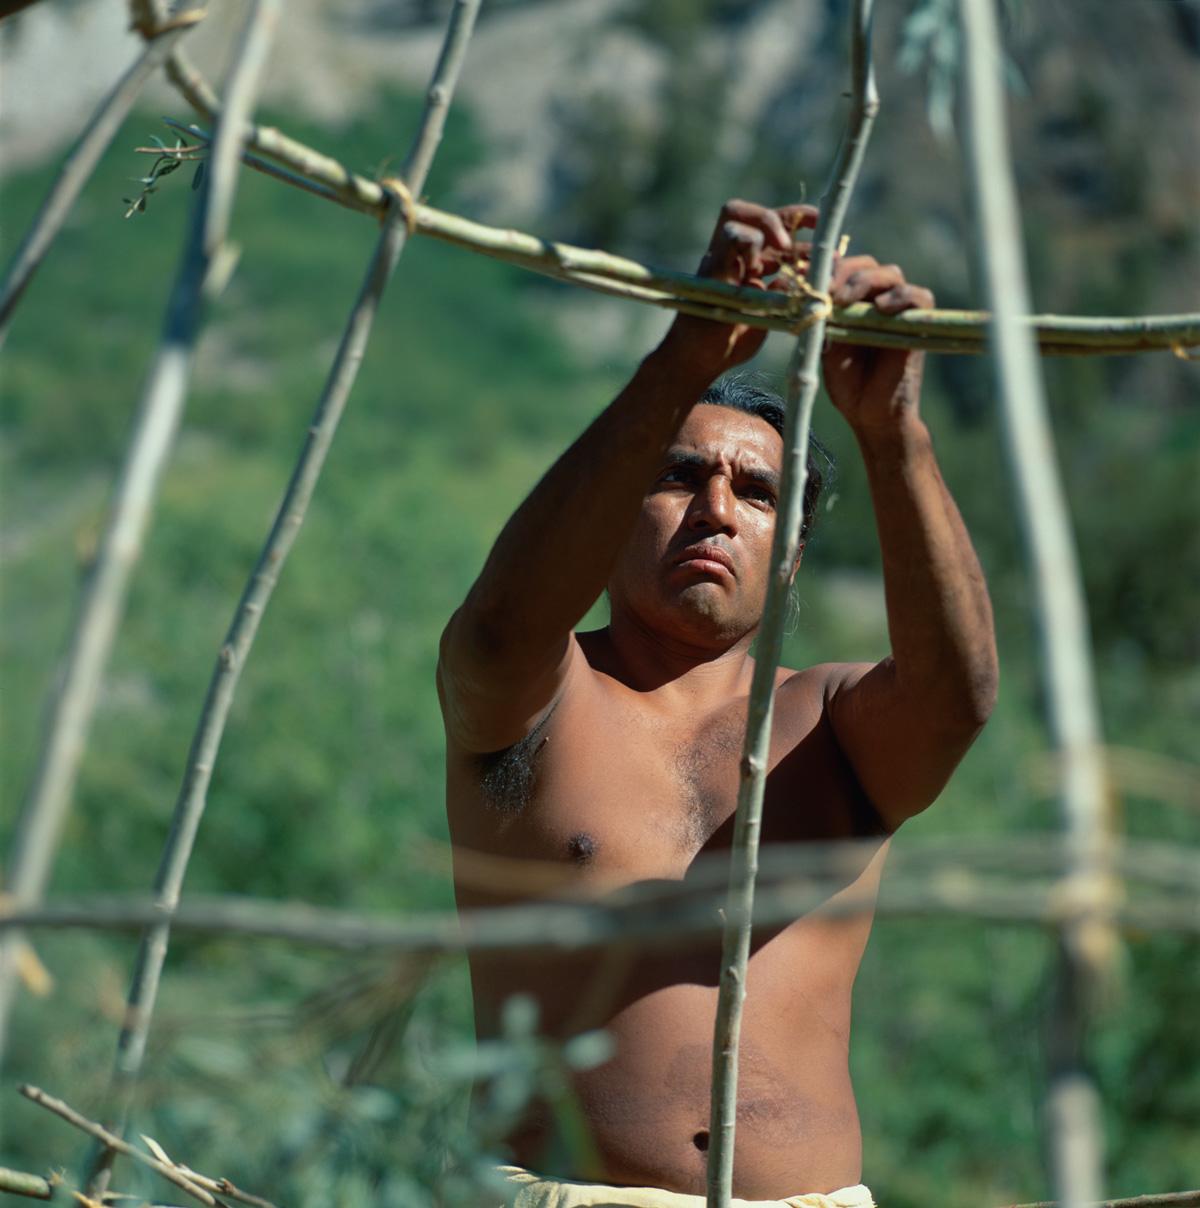 Indianer Nordamerikas - Paiute - Shoshone -Mann baut eine traditionelle Hütte, das sogenannte